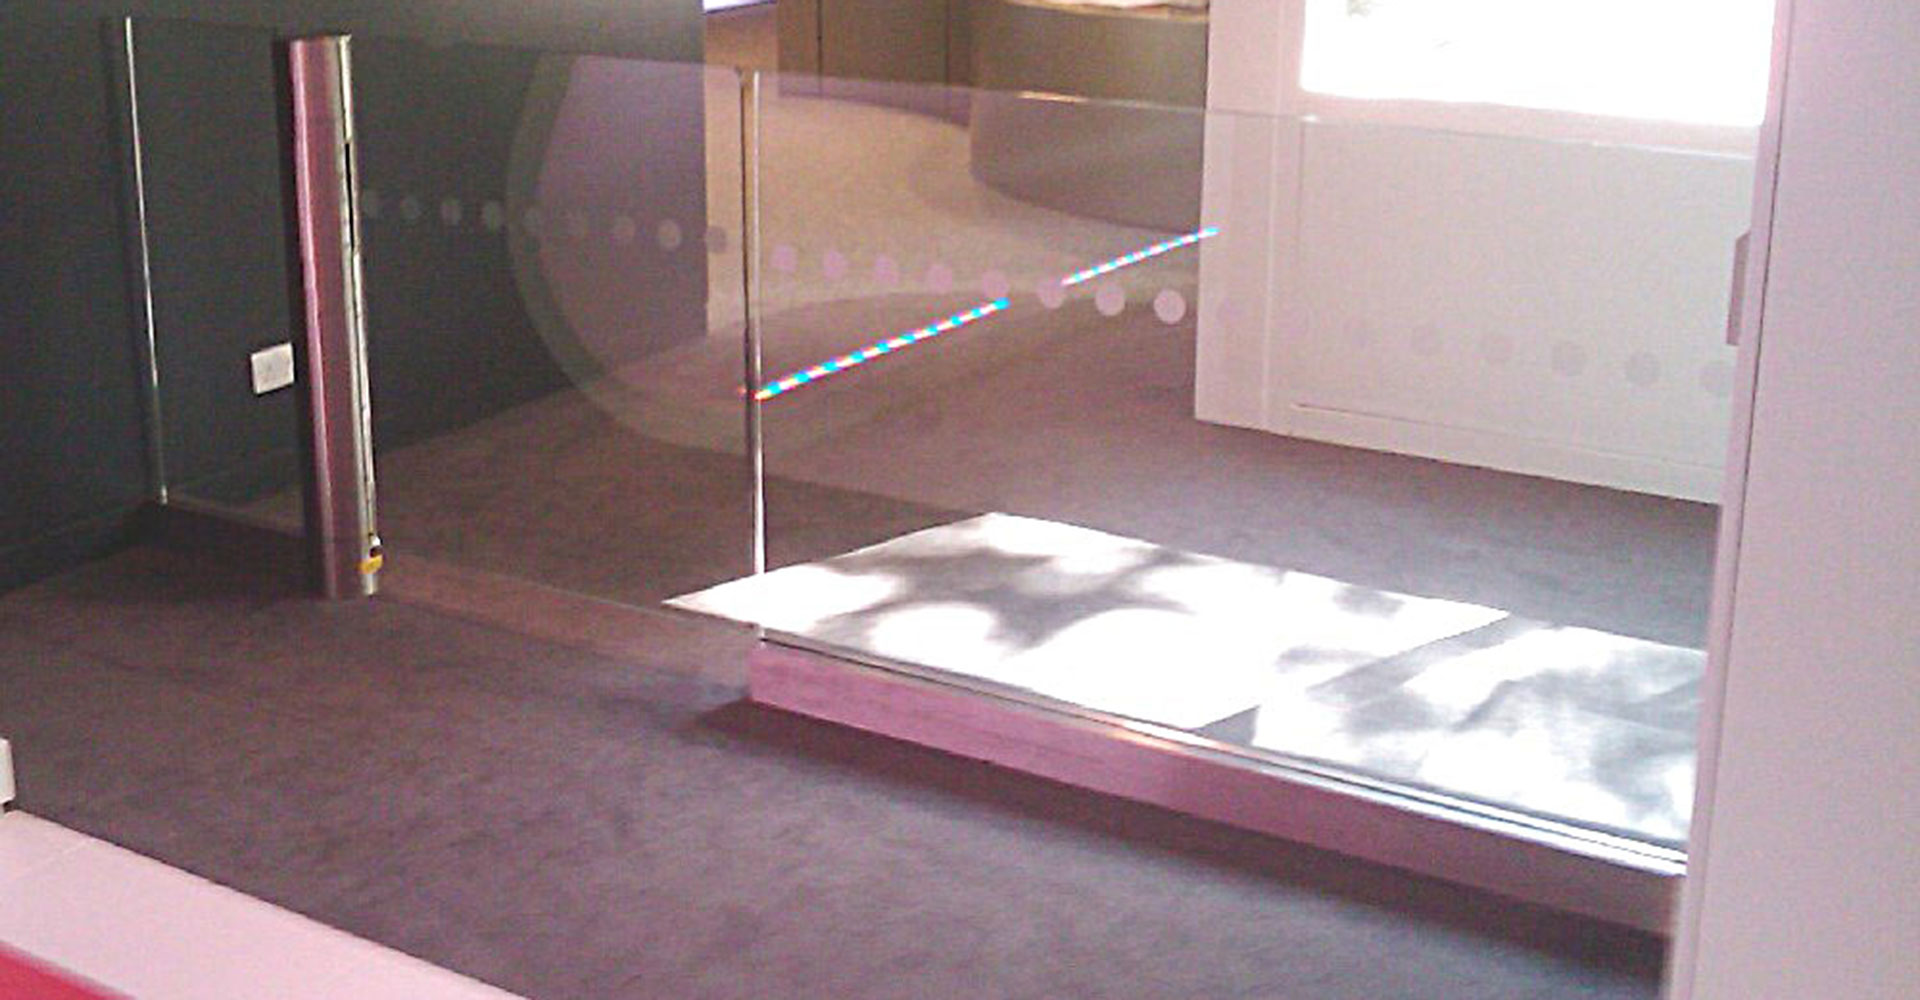 Frameless glass barrier railing